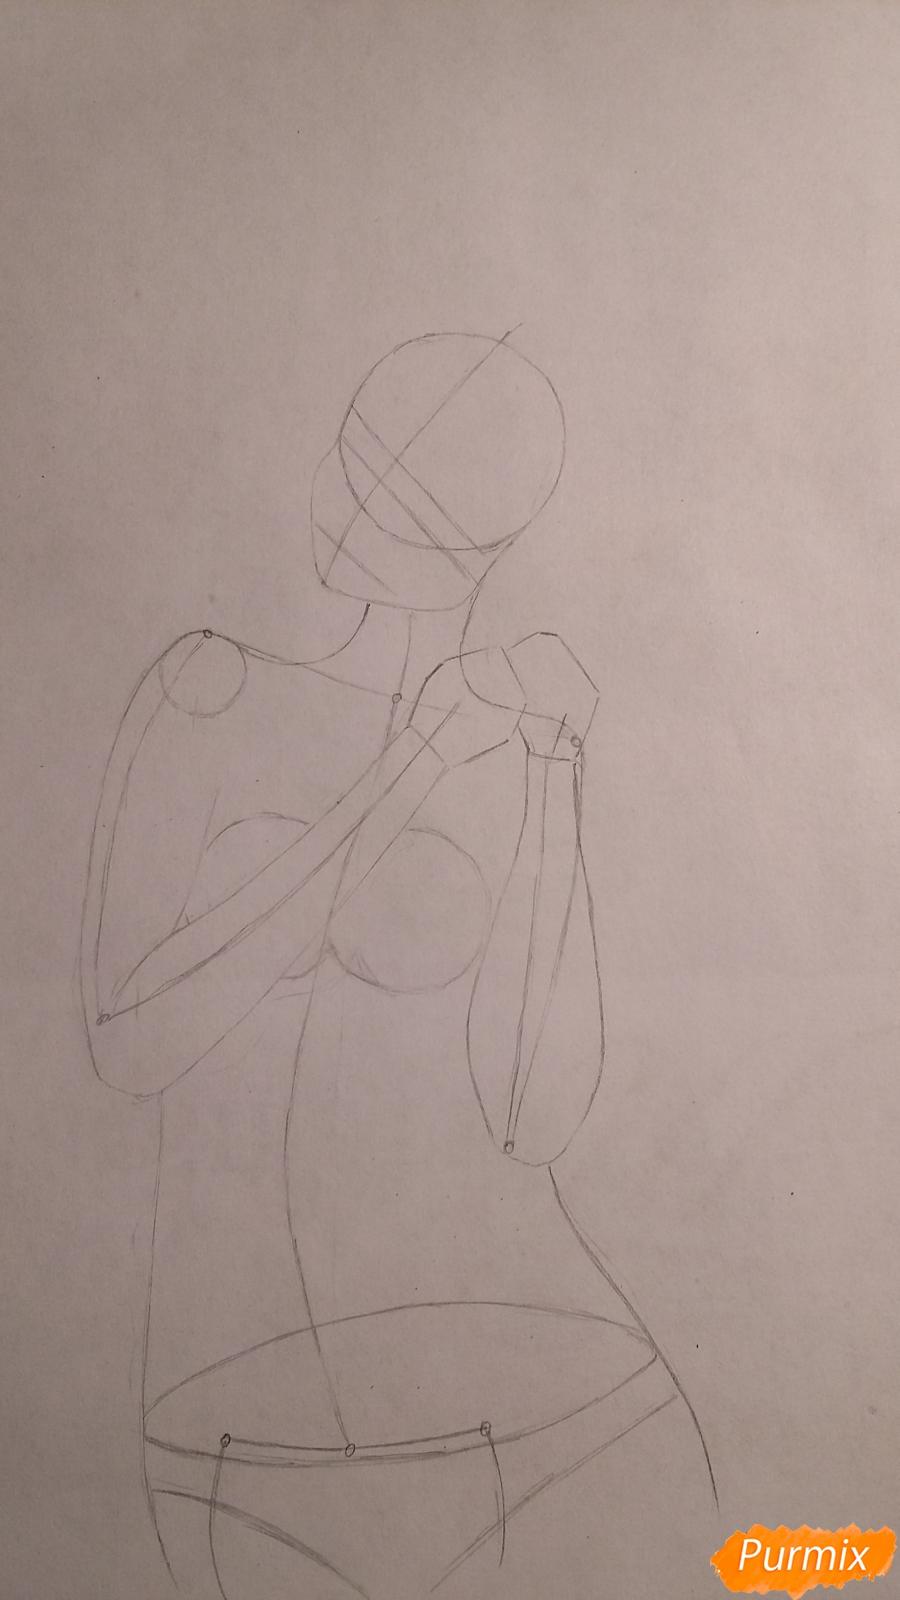 Рисуем милую девушку в аниме стиле карандашами - шаг 2